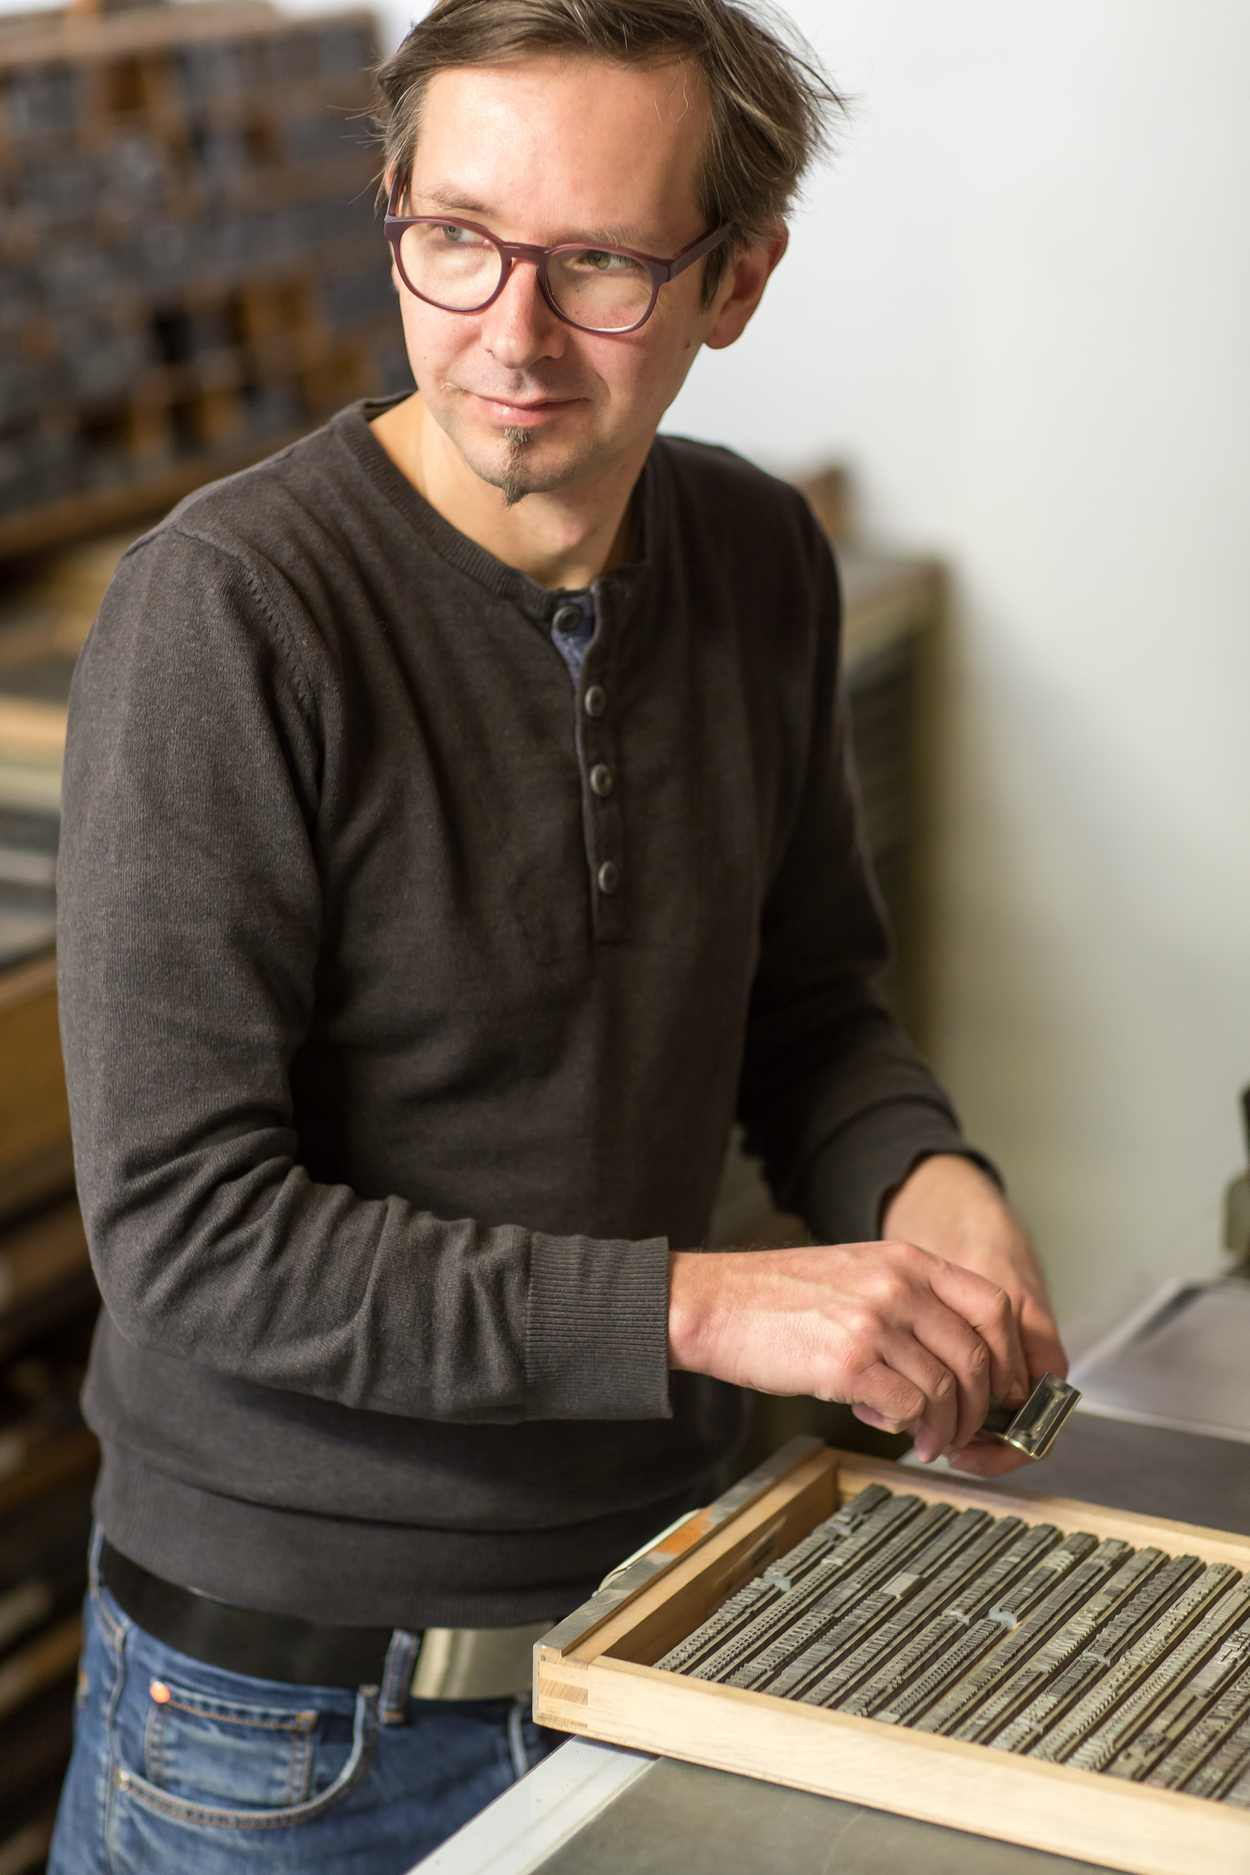 Werkstatt des Buchdruckers Thomas Siemon auf der Baumwollspinnerei Leipzig.